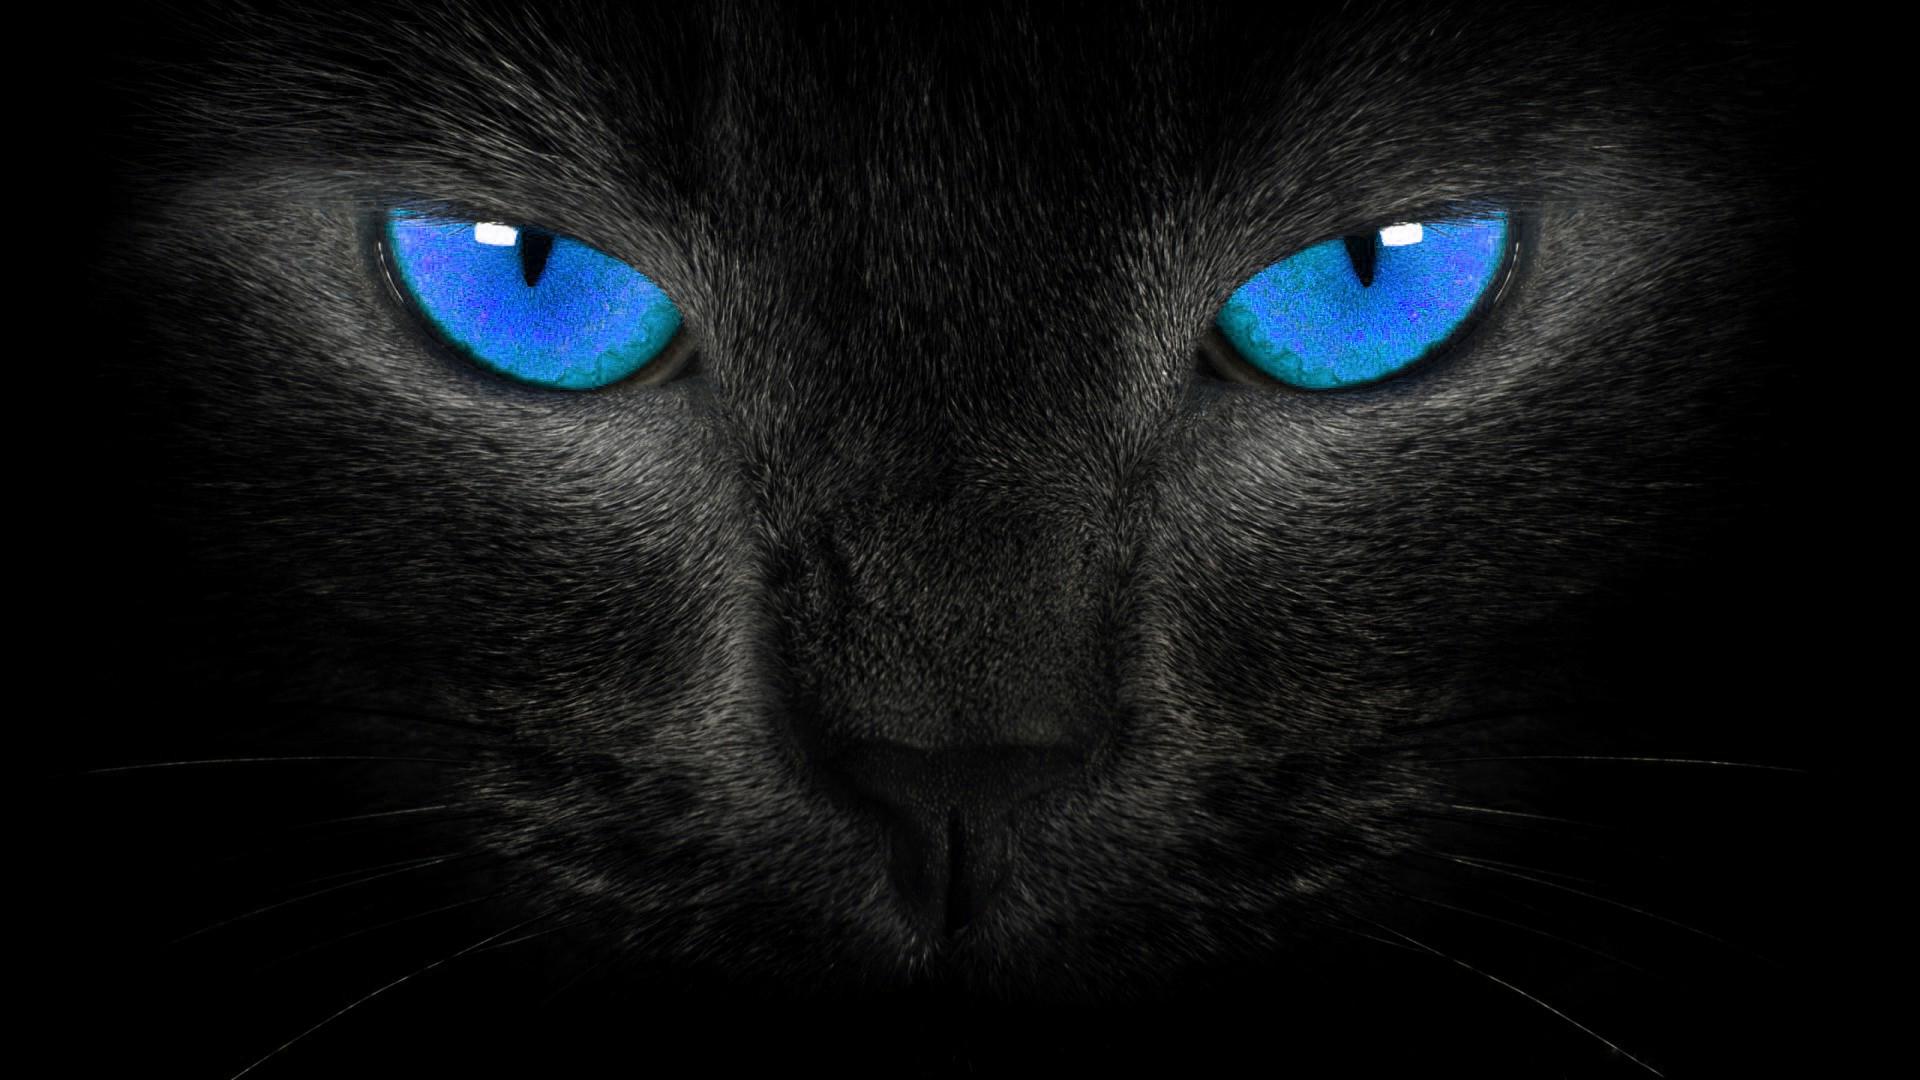 Description Black Cat Eyes Wallpaper is a hi res Wallpaper for pc 1920x1080